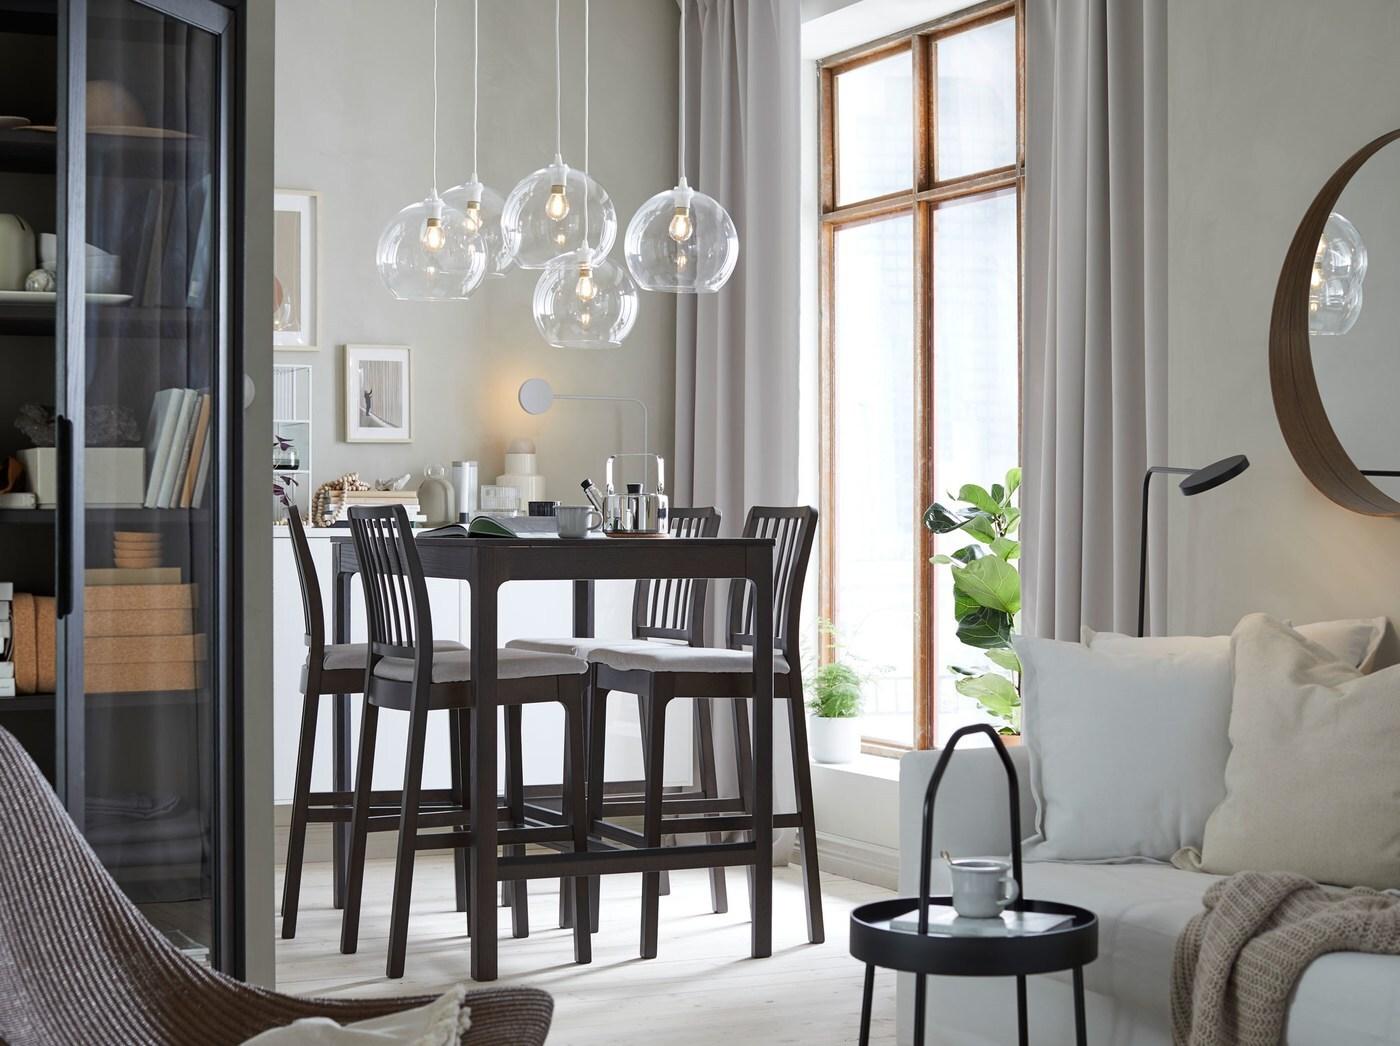 مساحة غرفة طعام بها طاولة مرتفعة EKEDALEN رمادي داكن تتسع لجلوس أربعة أفراد ومقاعد مرتفعة وأغطية مصابيح زجاج شفاف JAKOBSBYN.